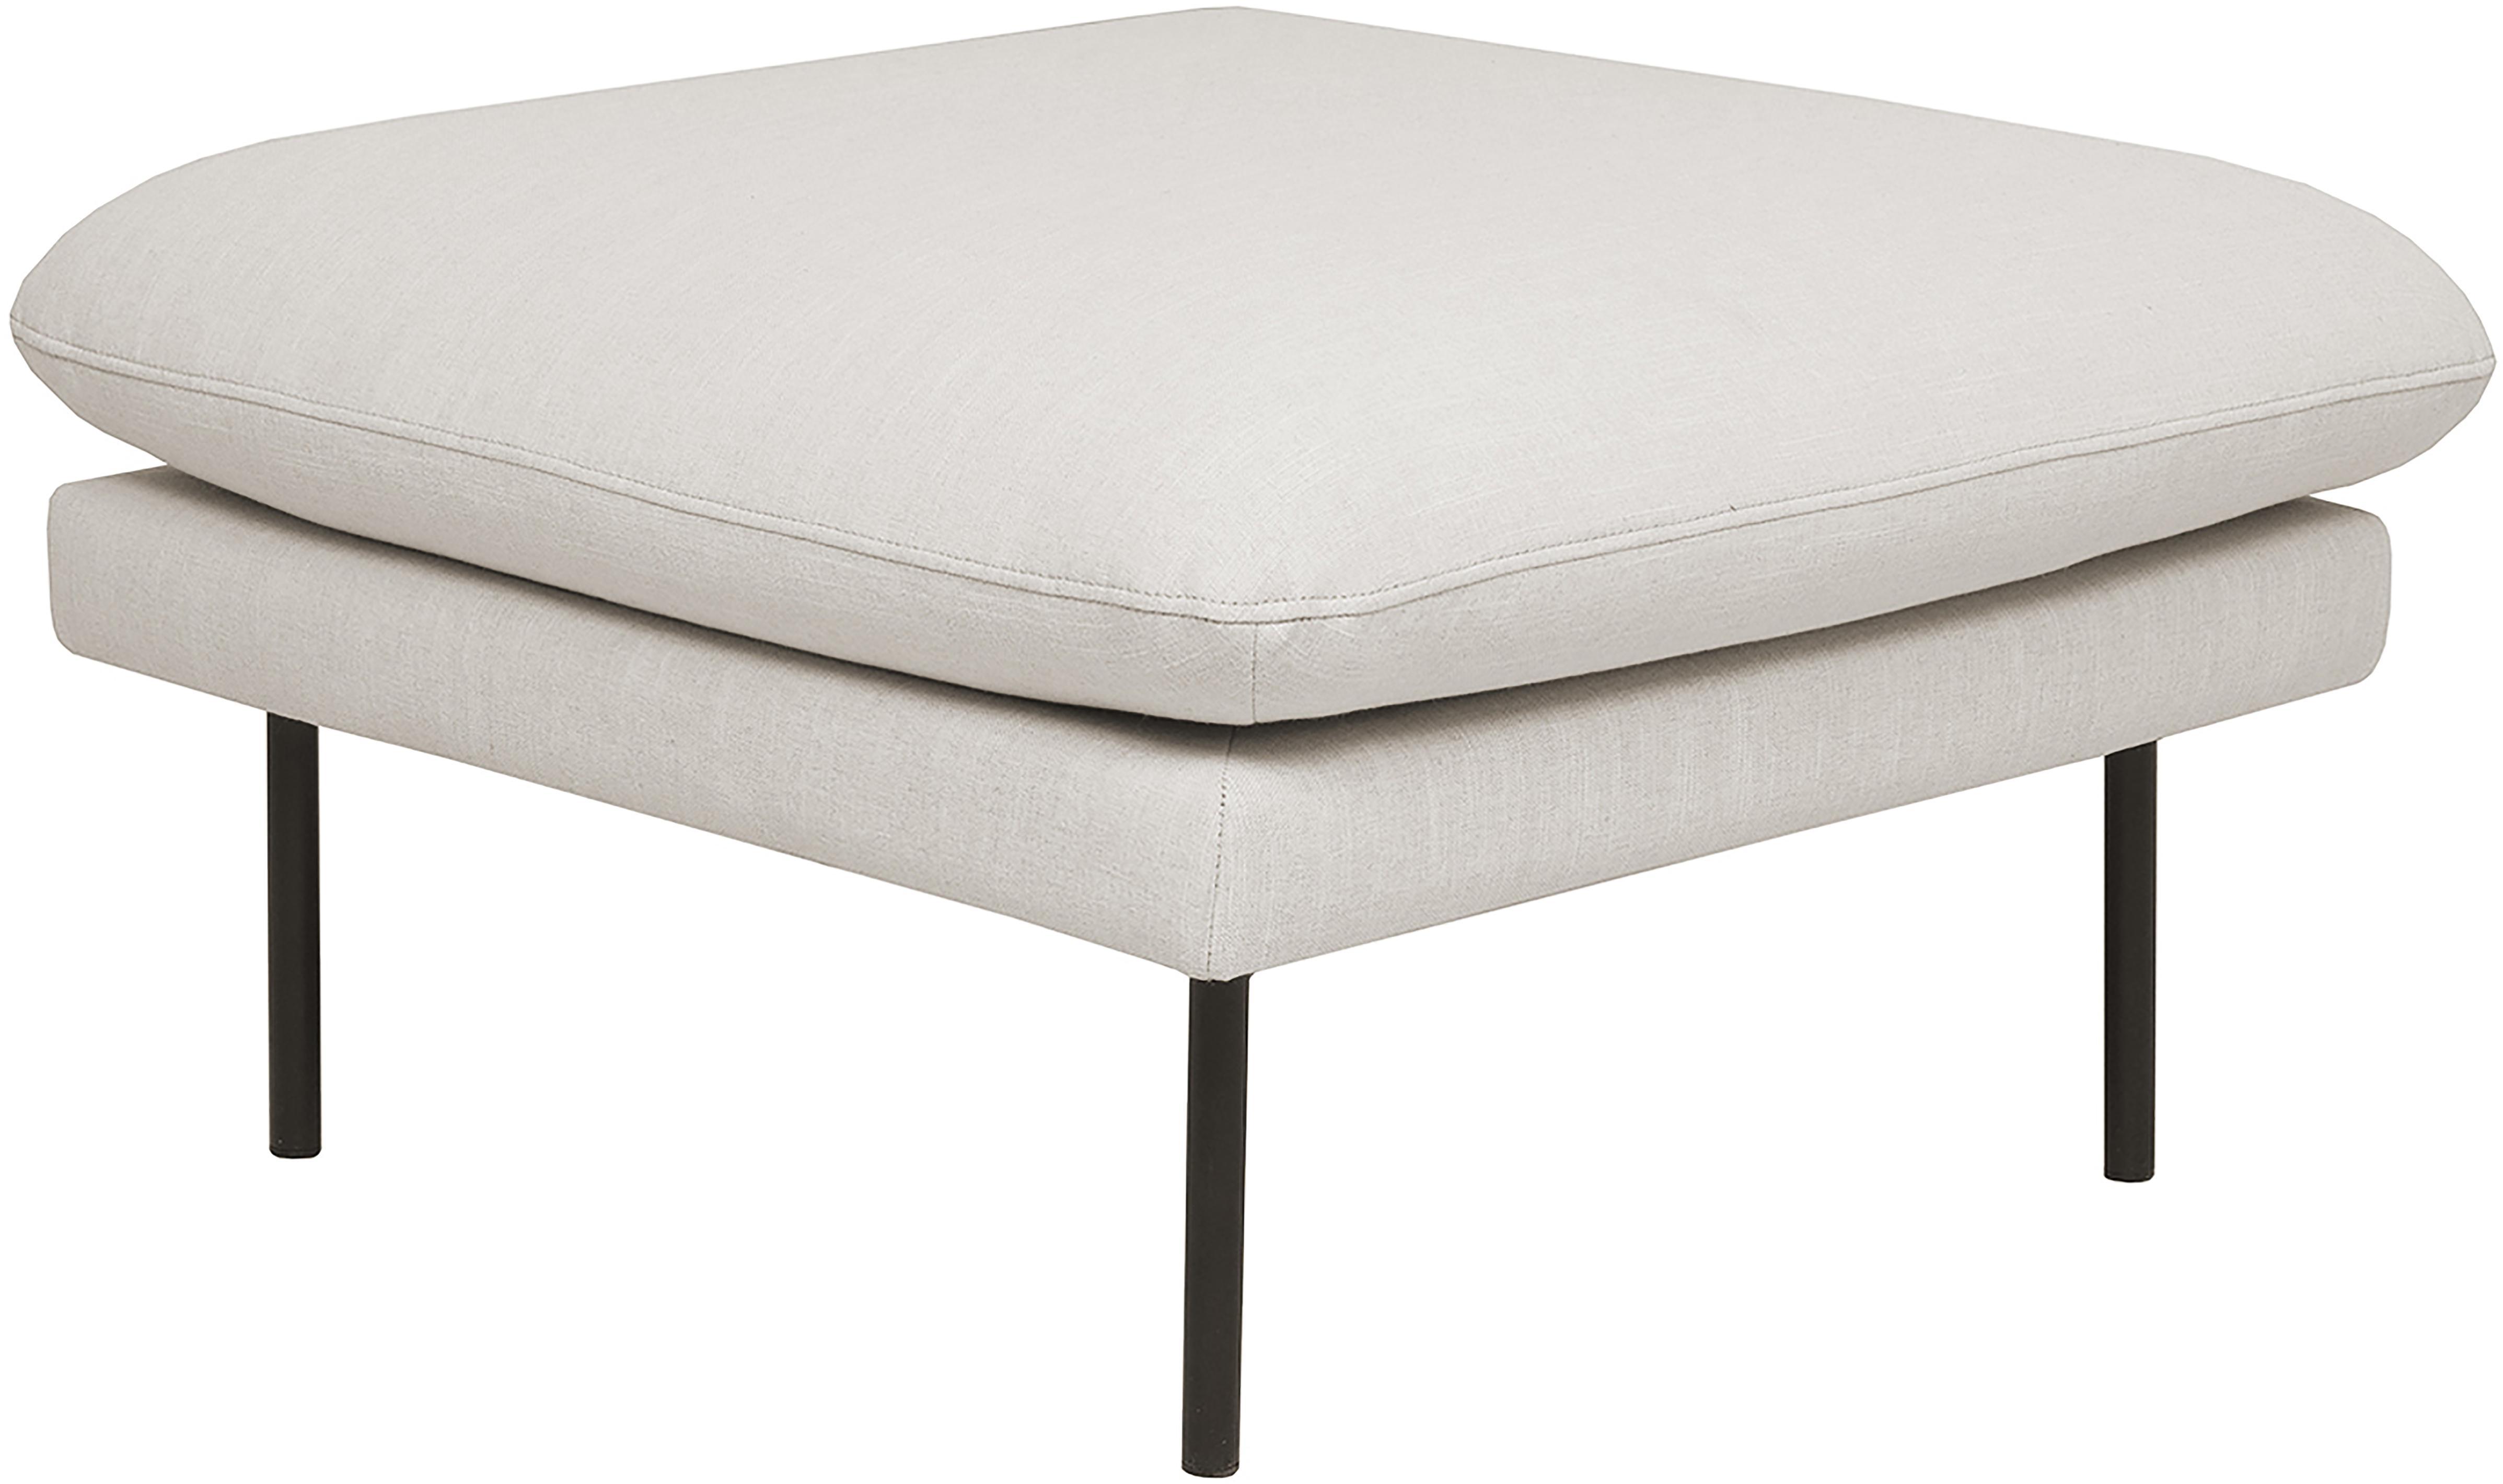 Sofa-Hocker Moby, Bezug: Polyester Der hochwertige, Gestell: Massives Kiefernholz, Füße: Metall, pulverbeschichtet, Webstoff Beige, 78 x 48 cm